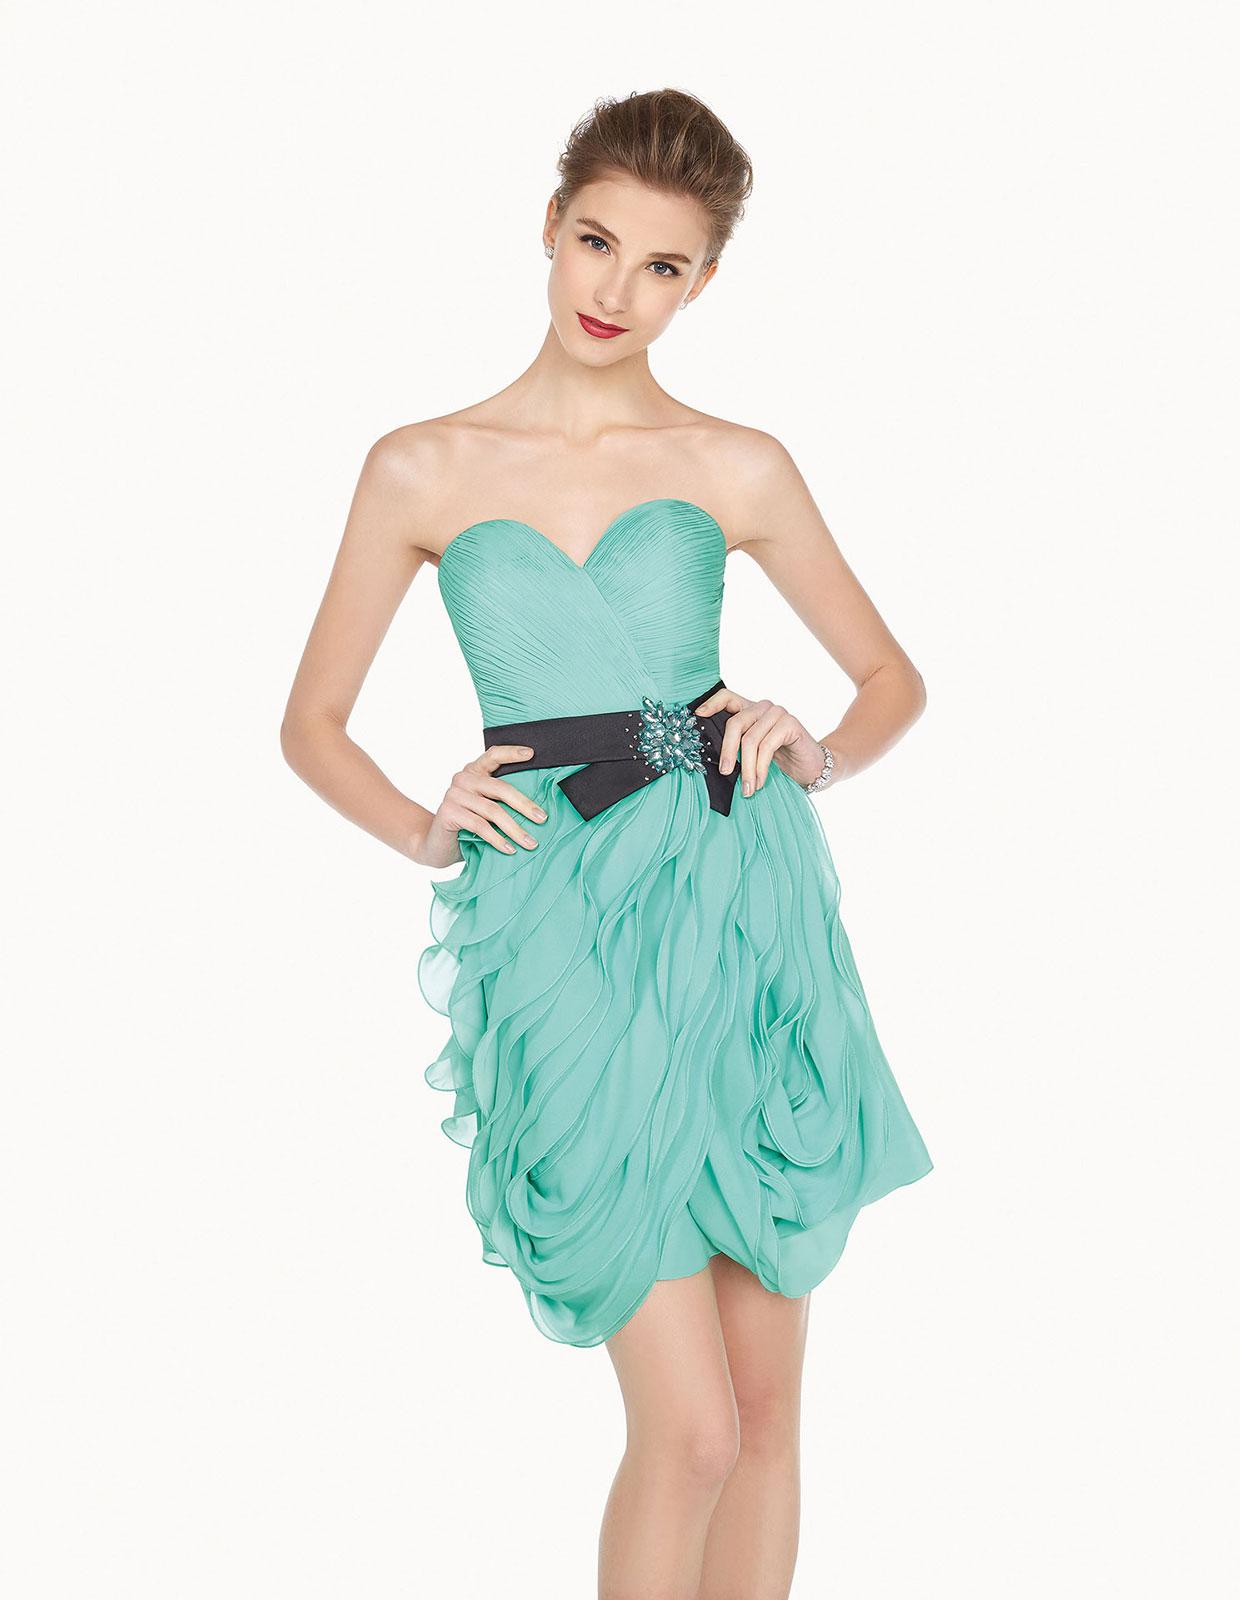 Vestito Azzurro Matrimonio : Scopri i look da invitata a un matrimonio nei colori